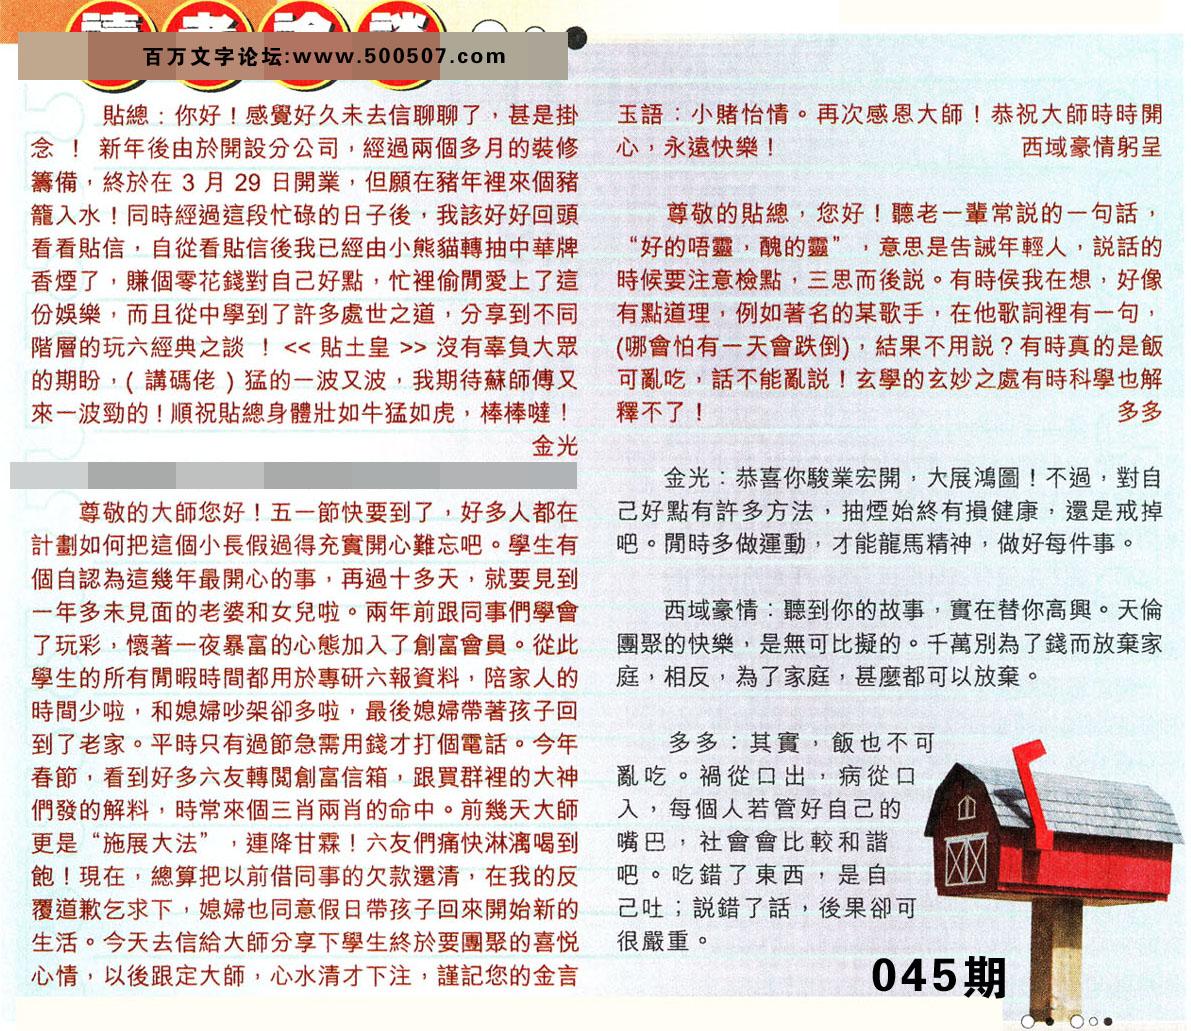 045期:彩民推荐�N信�x者���